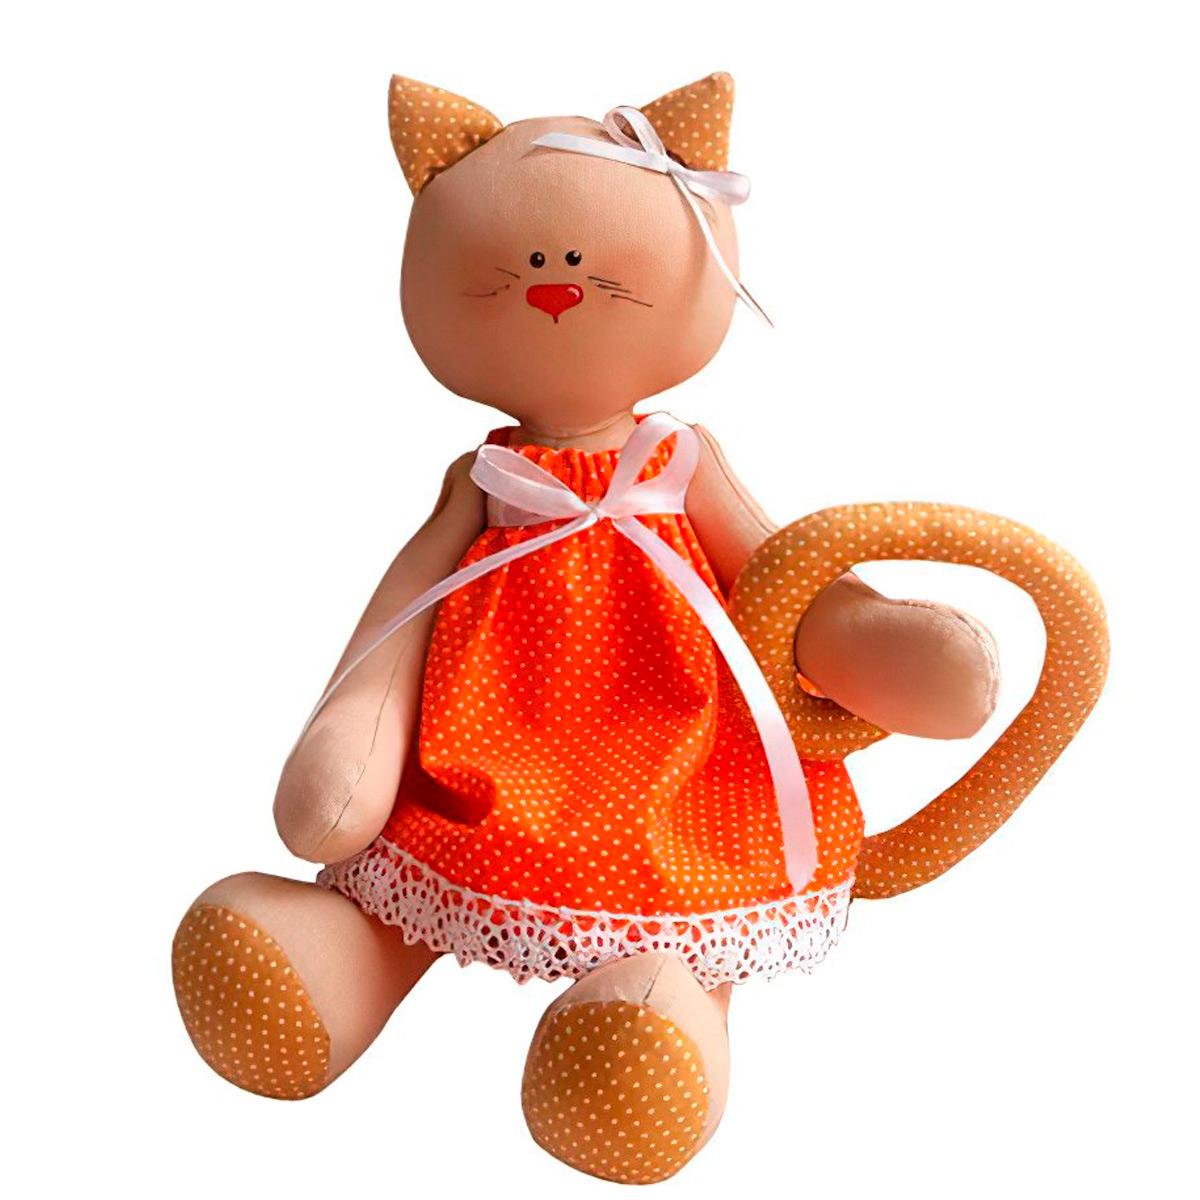 C001 Набор для изготовления текстильной игрушки 27см 'Cat'story' (Ваниль)